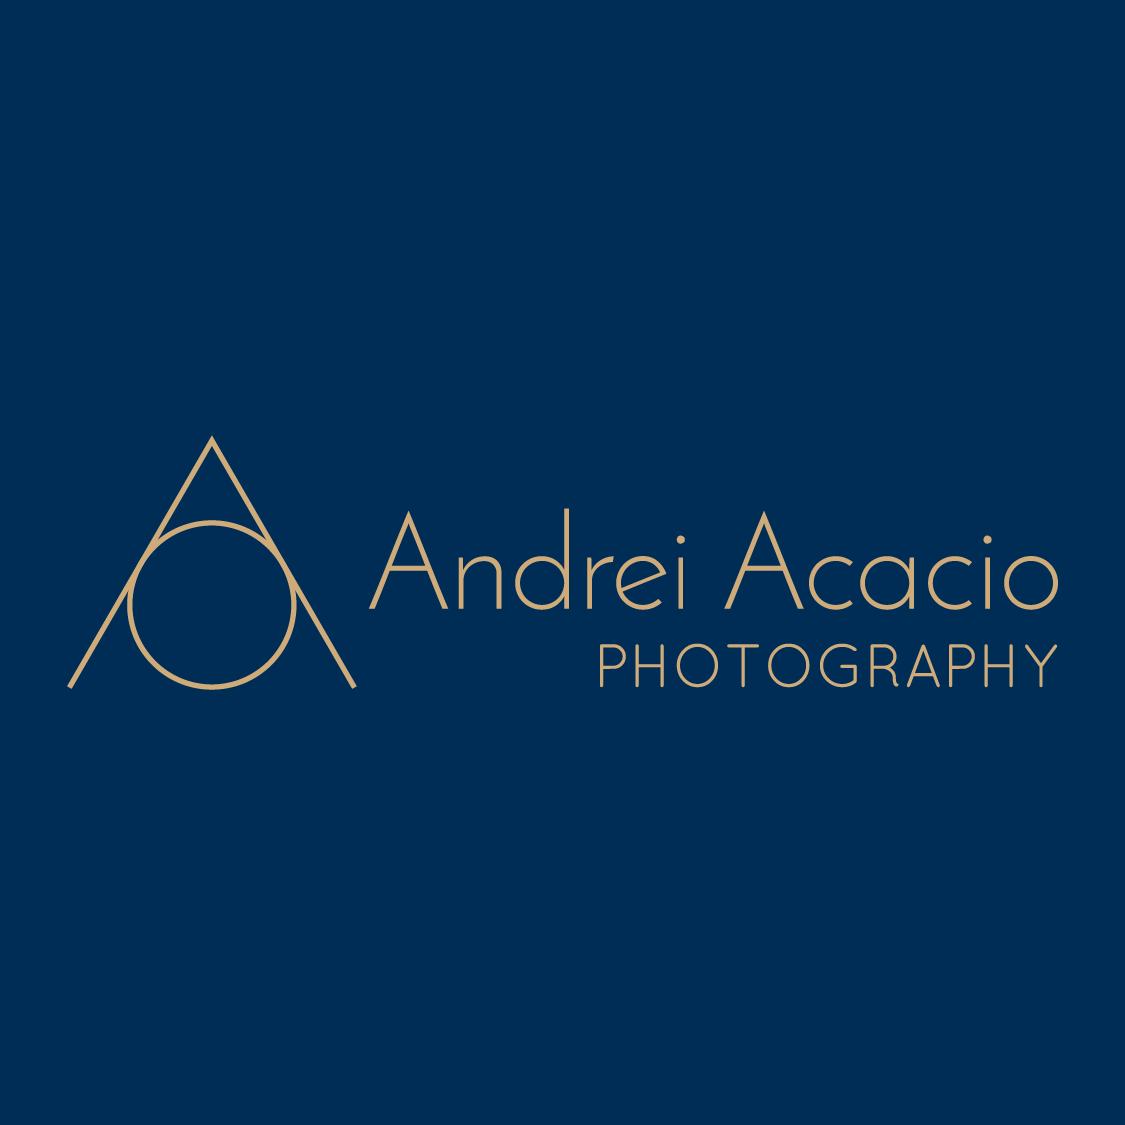 Logo thumbnail for Andrei Acacio Photography